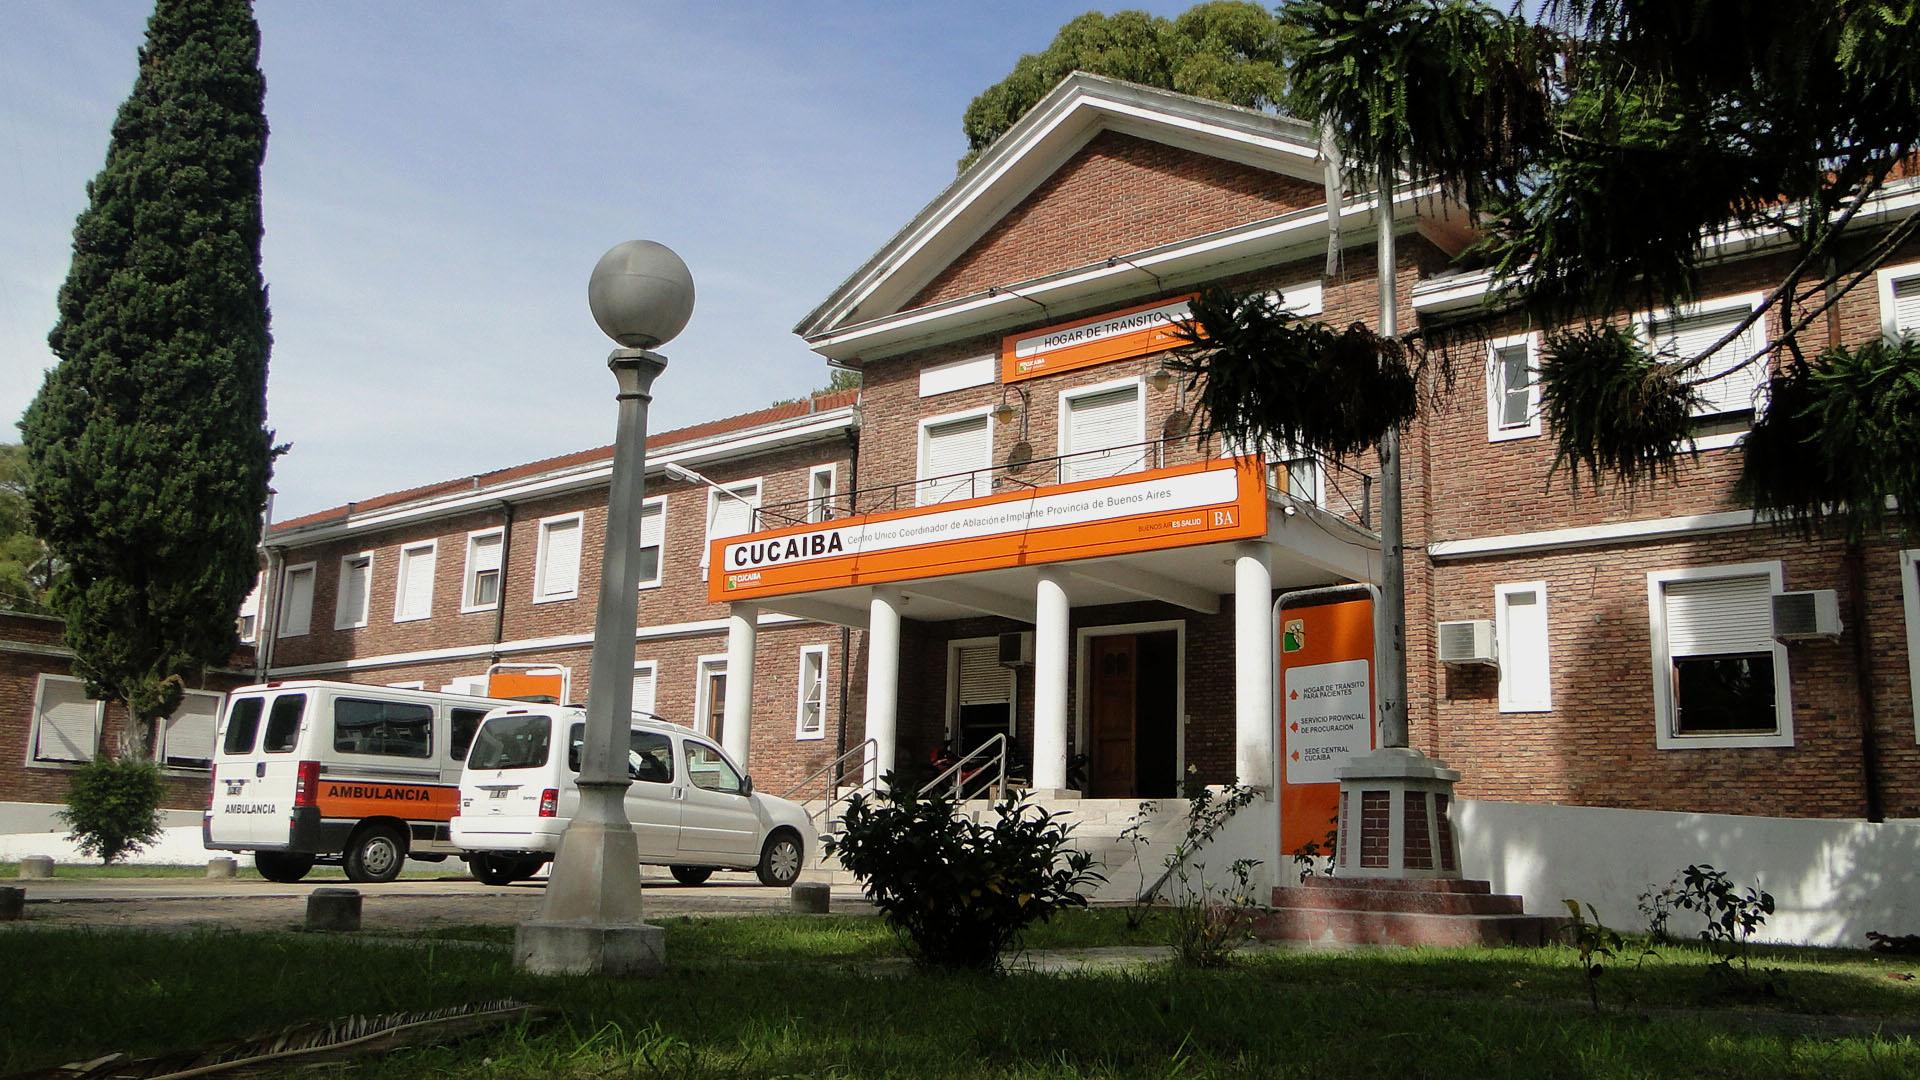 showing 2nd image of Home Banking Nuevo Banco Santa Fe Prestamos Banco Santa Fe